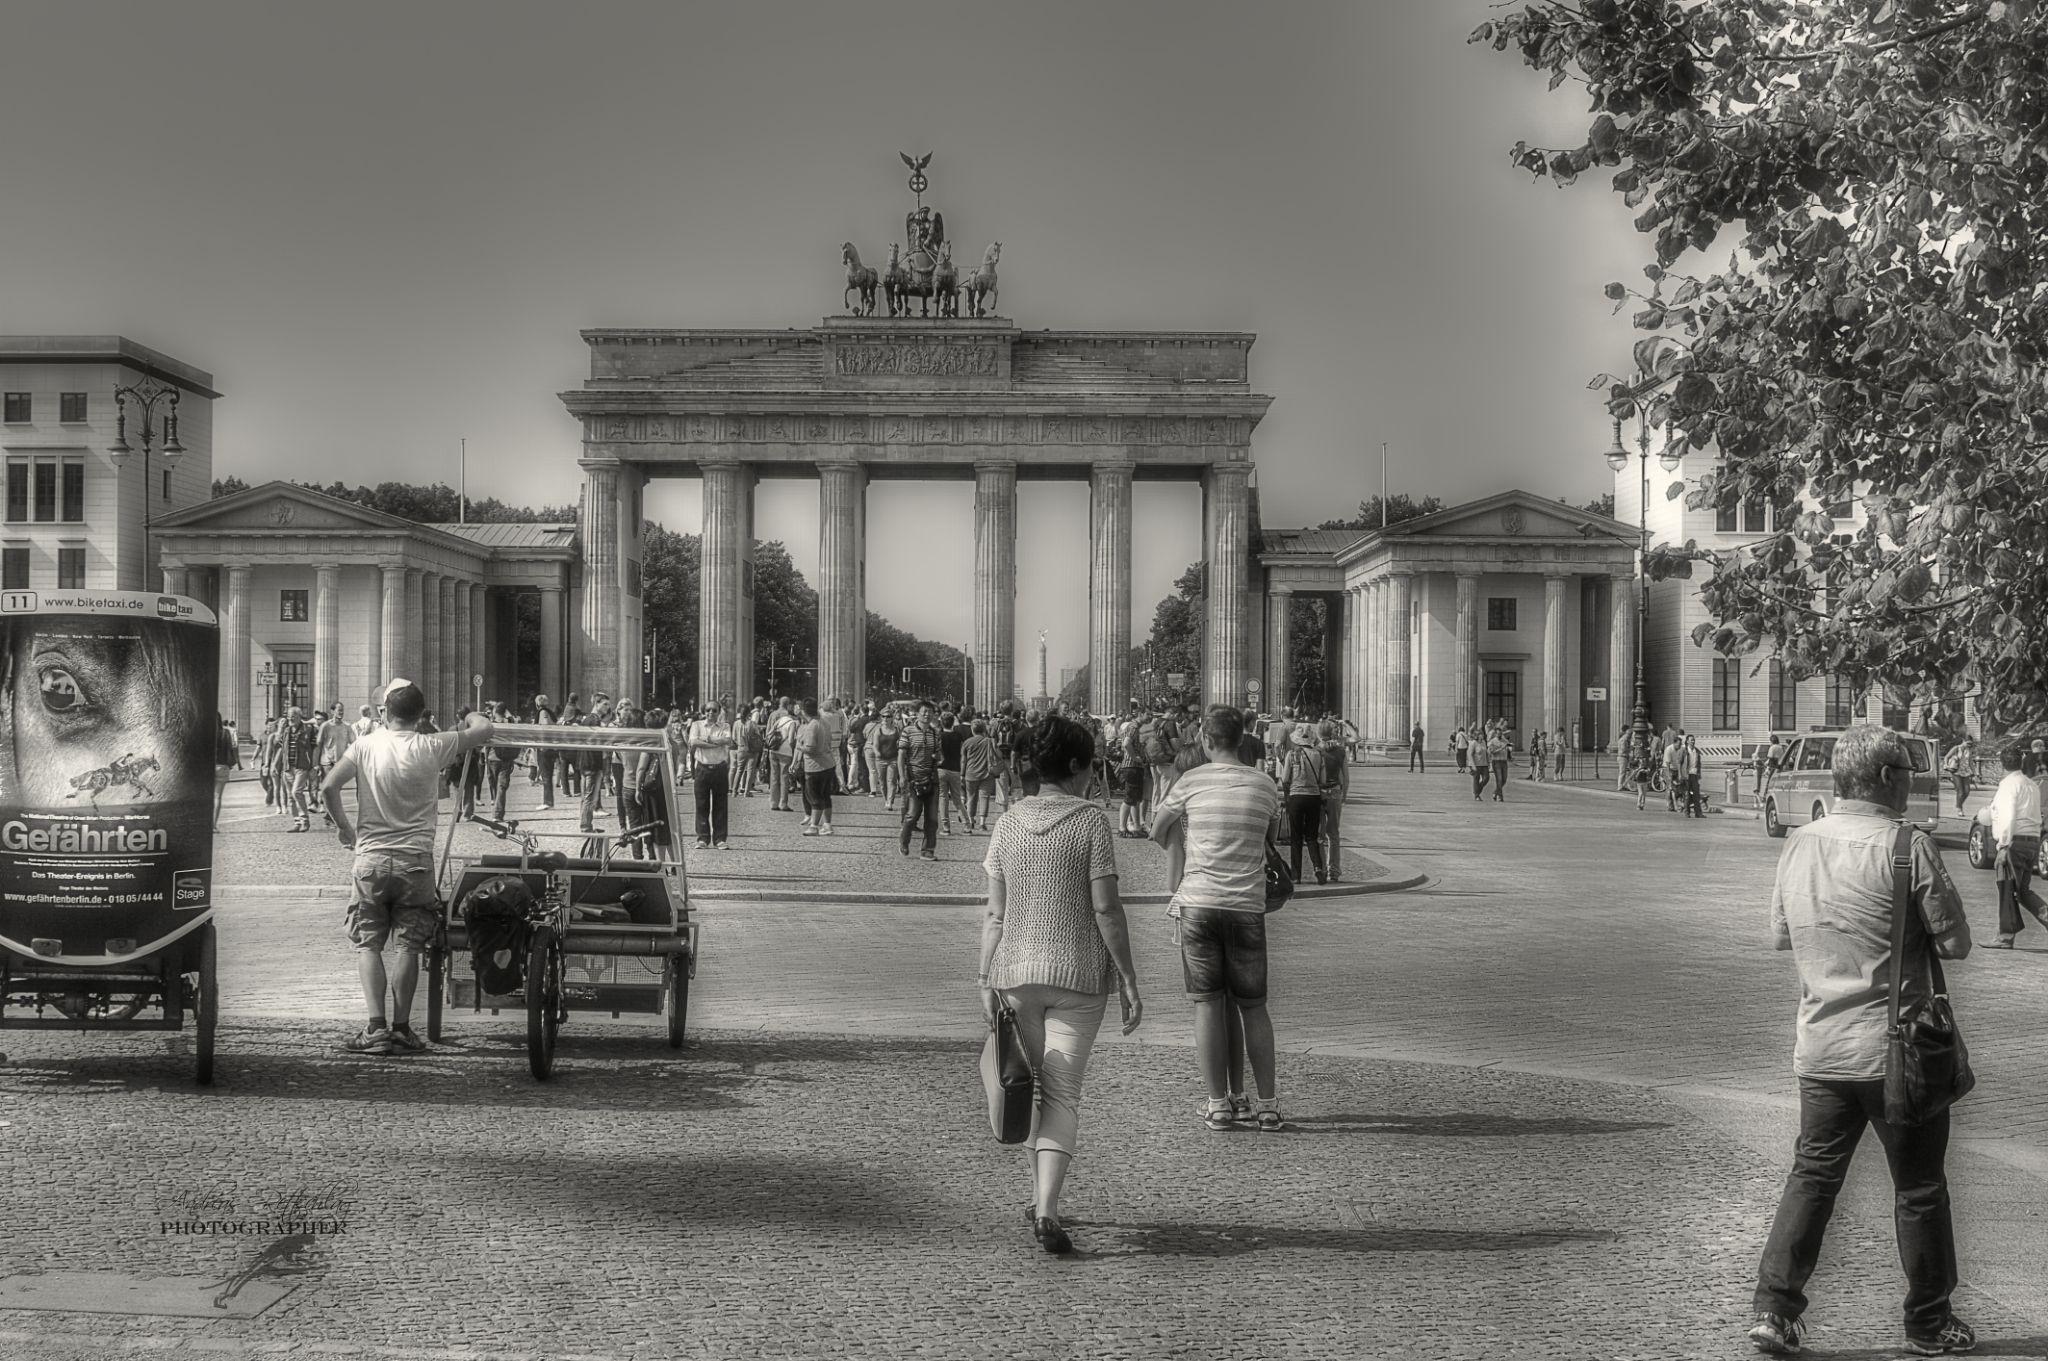 Berlin ist mehr ein Weltteil als eine Stadt.  Jean Paul (1763 - 1825) by Andreas Rettschlag